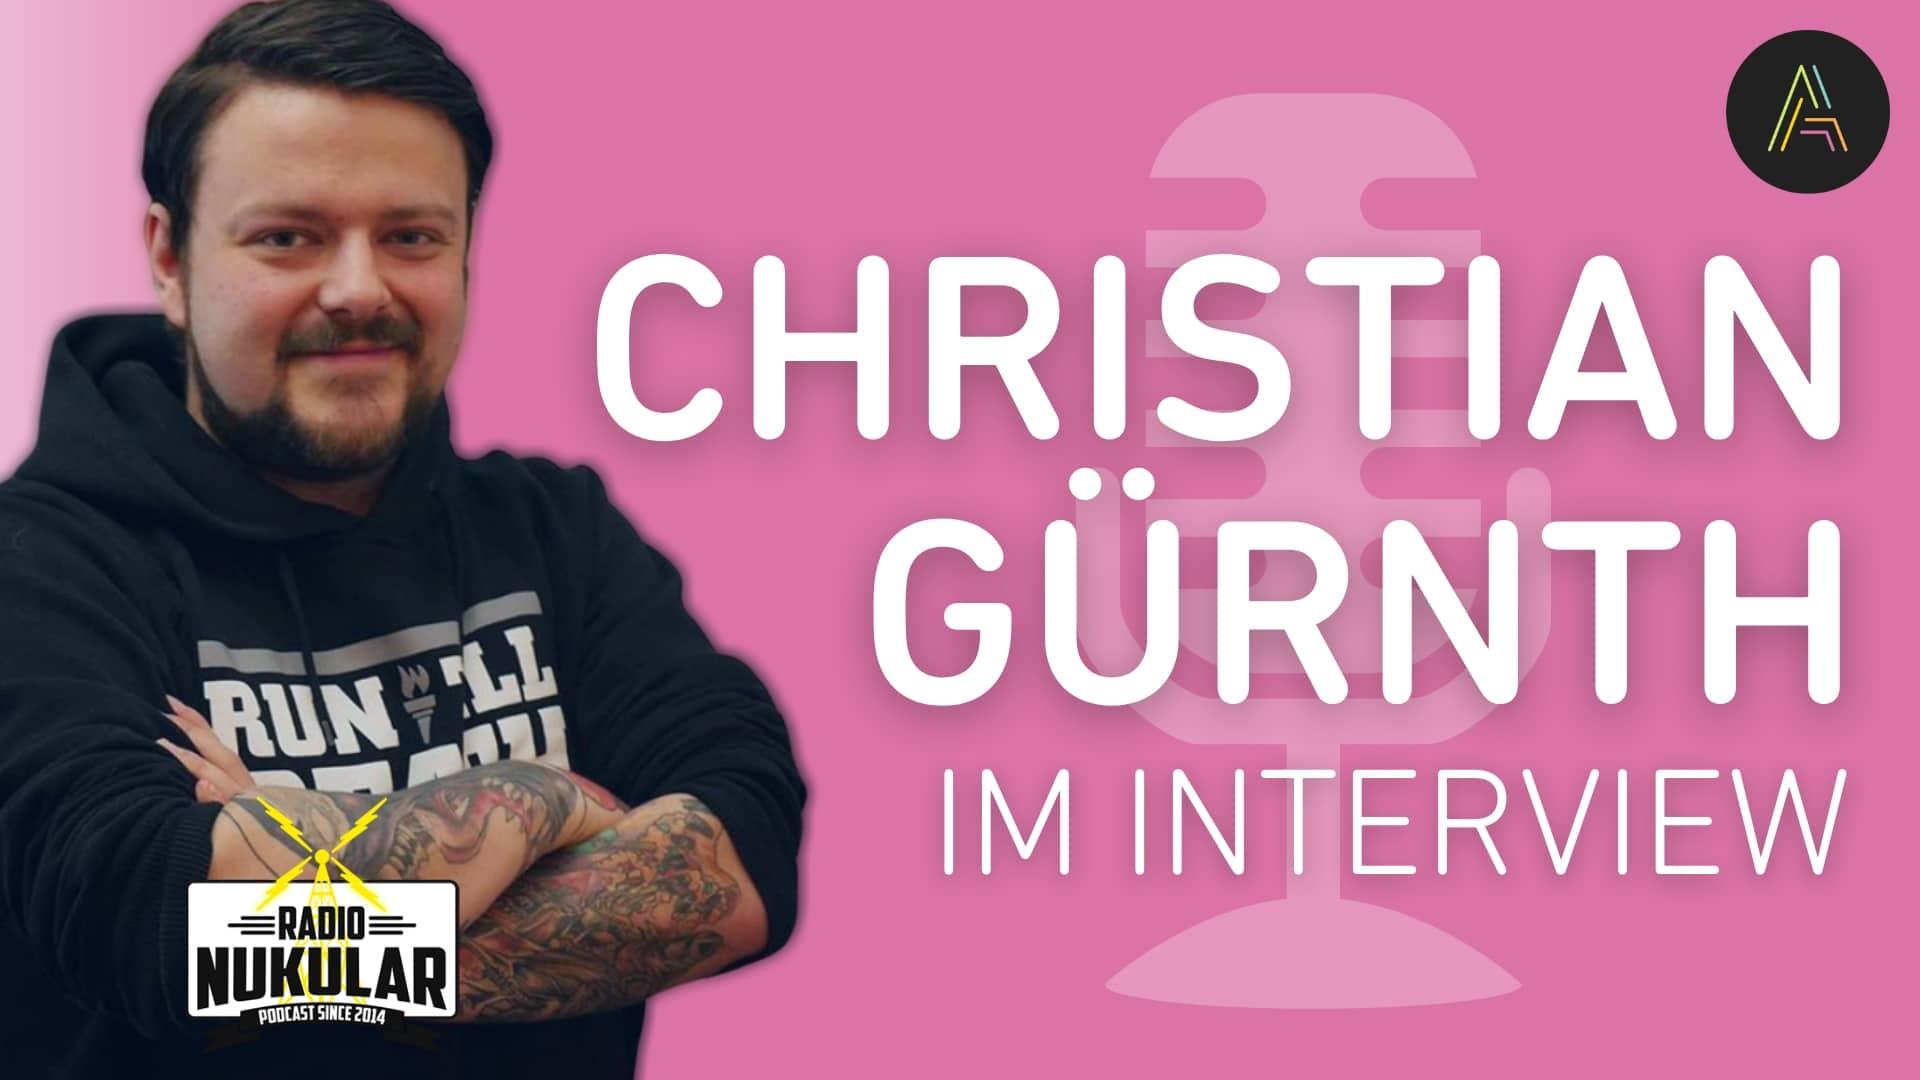 Christian Gürnth